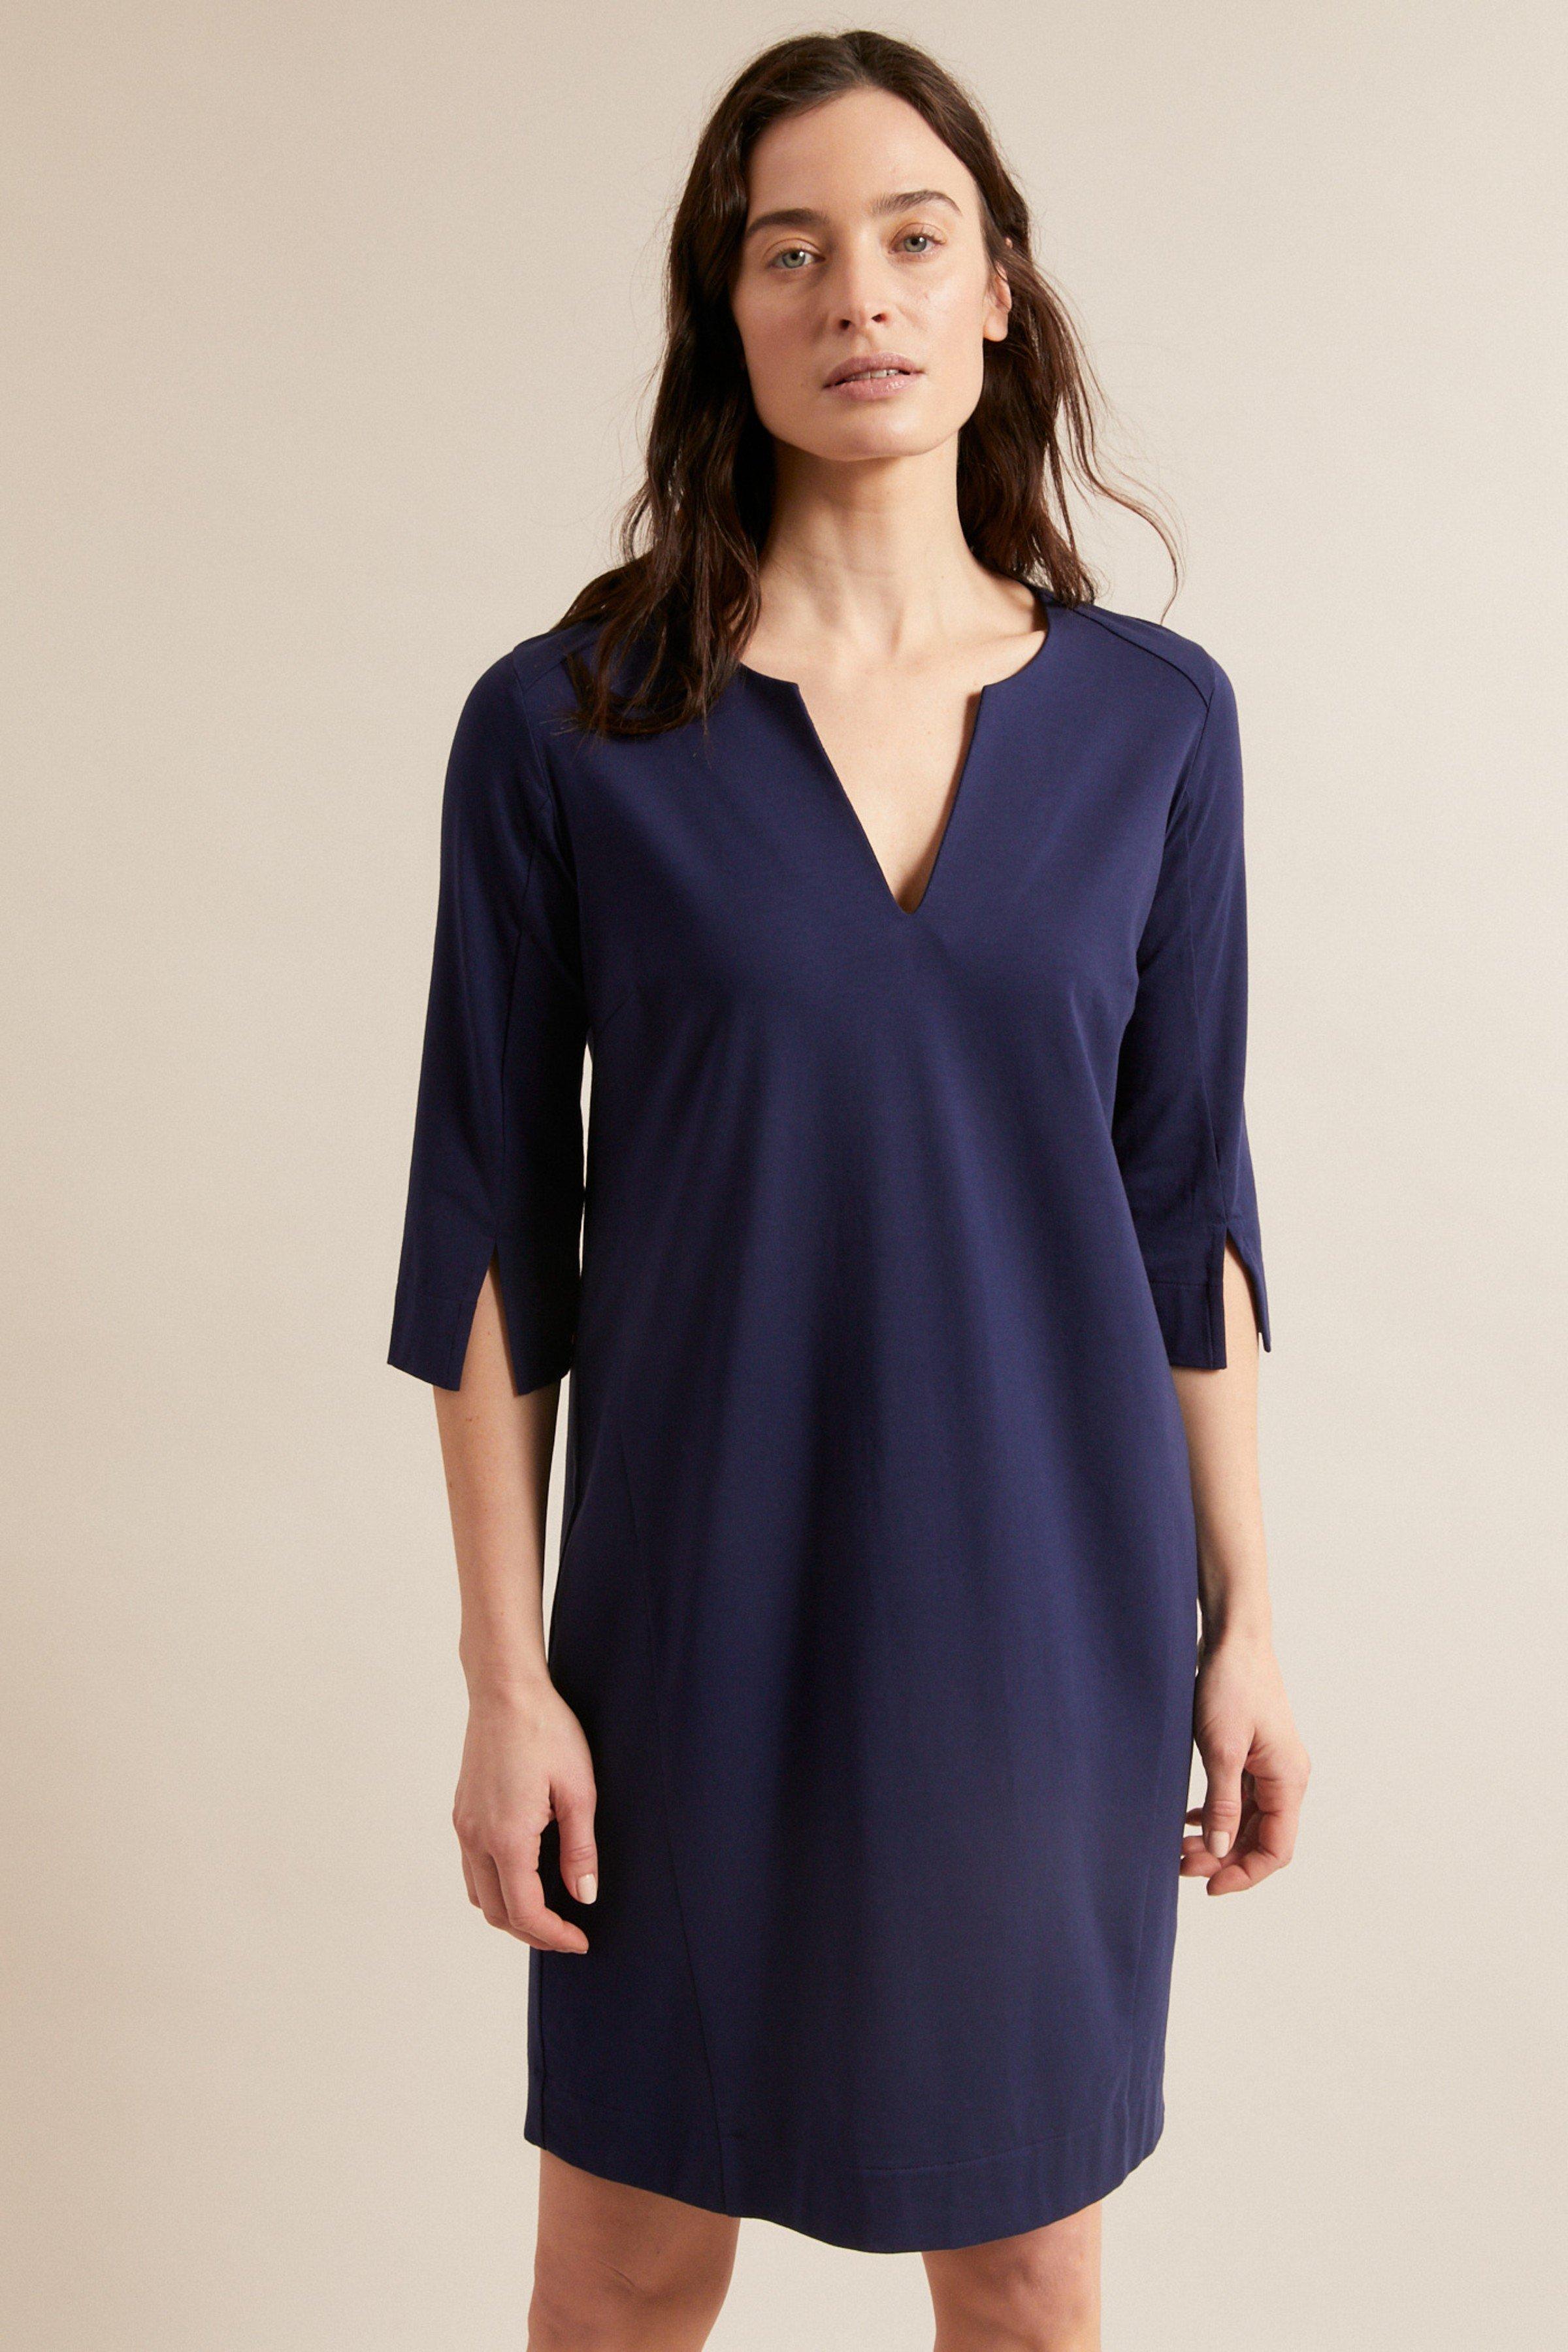 Kleid mit Ärmelschlitz Blau